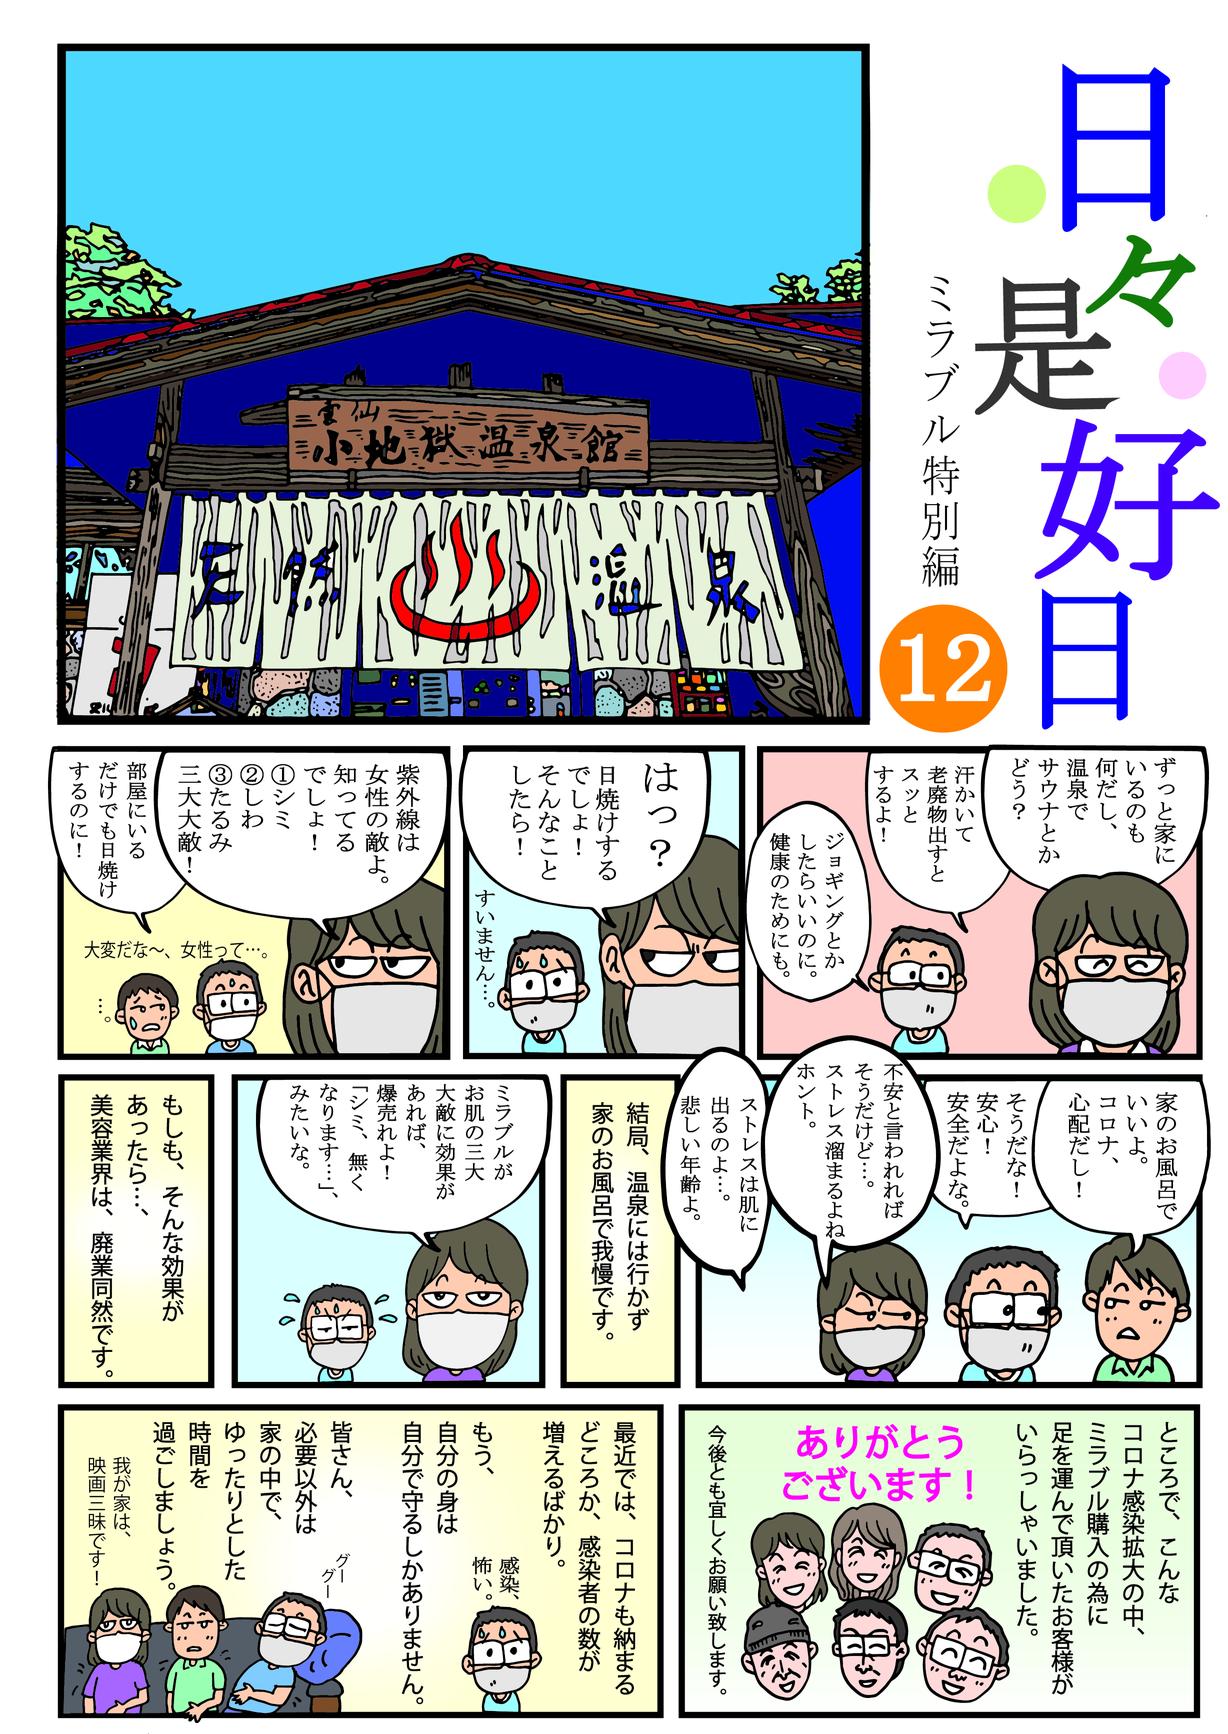 ミラブル企画裏話漫画「日々是好日12」